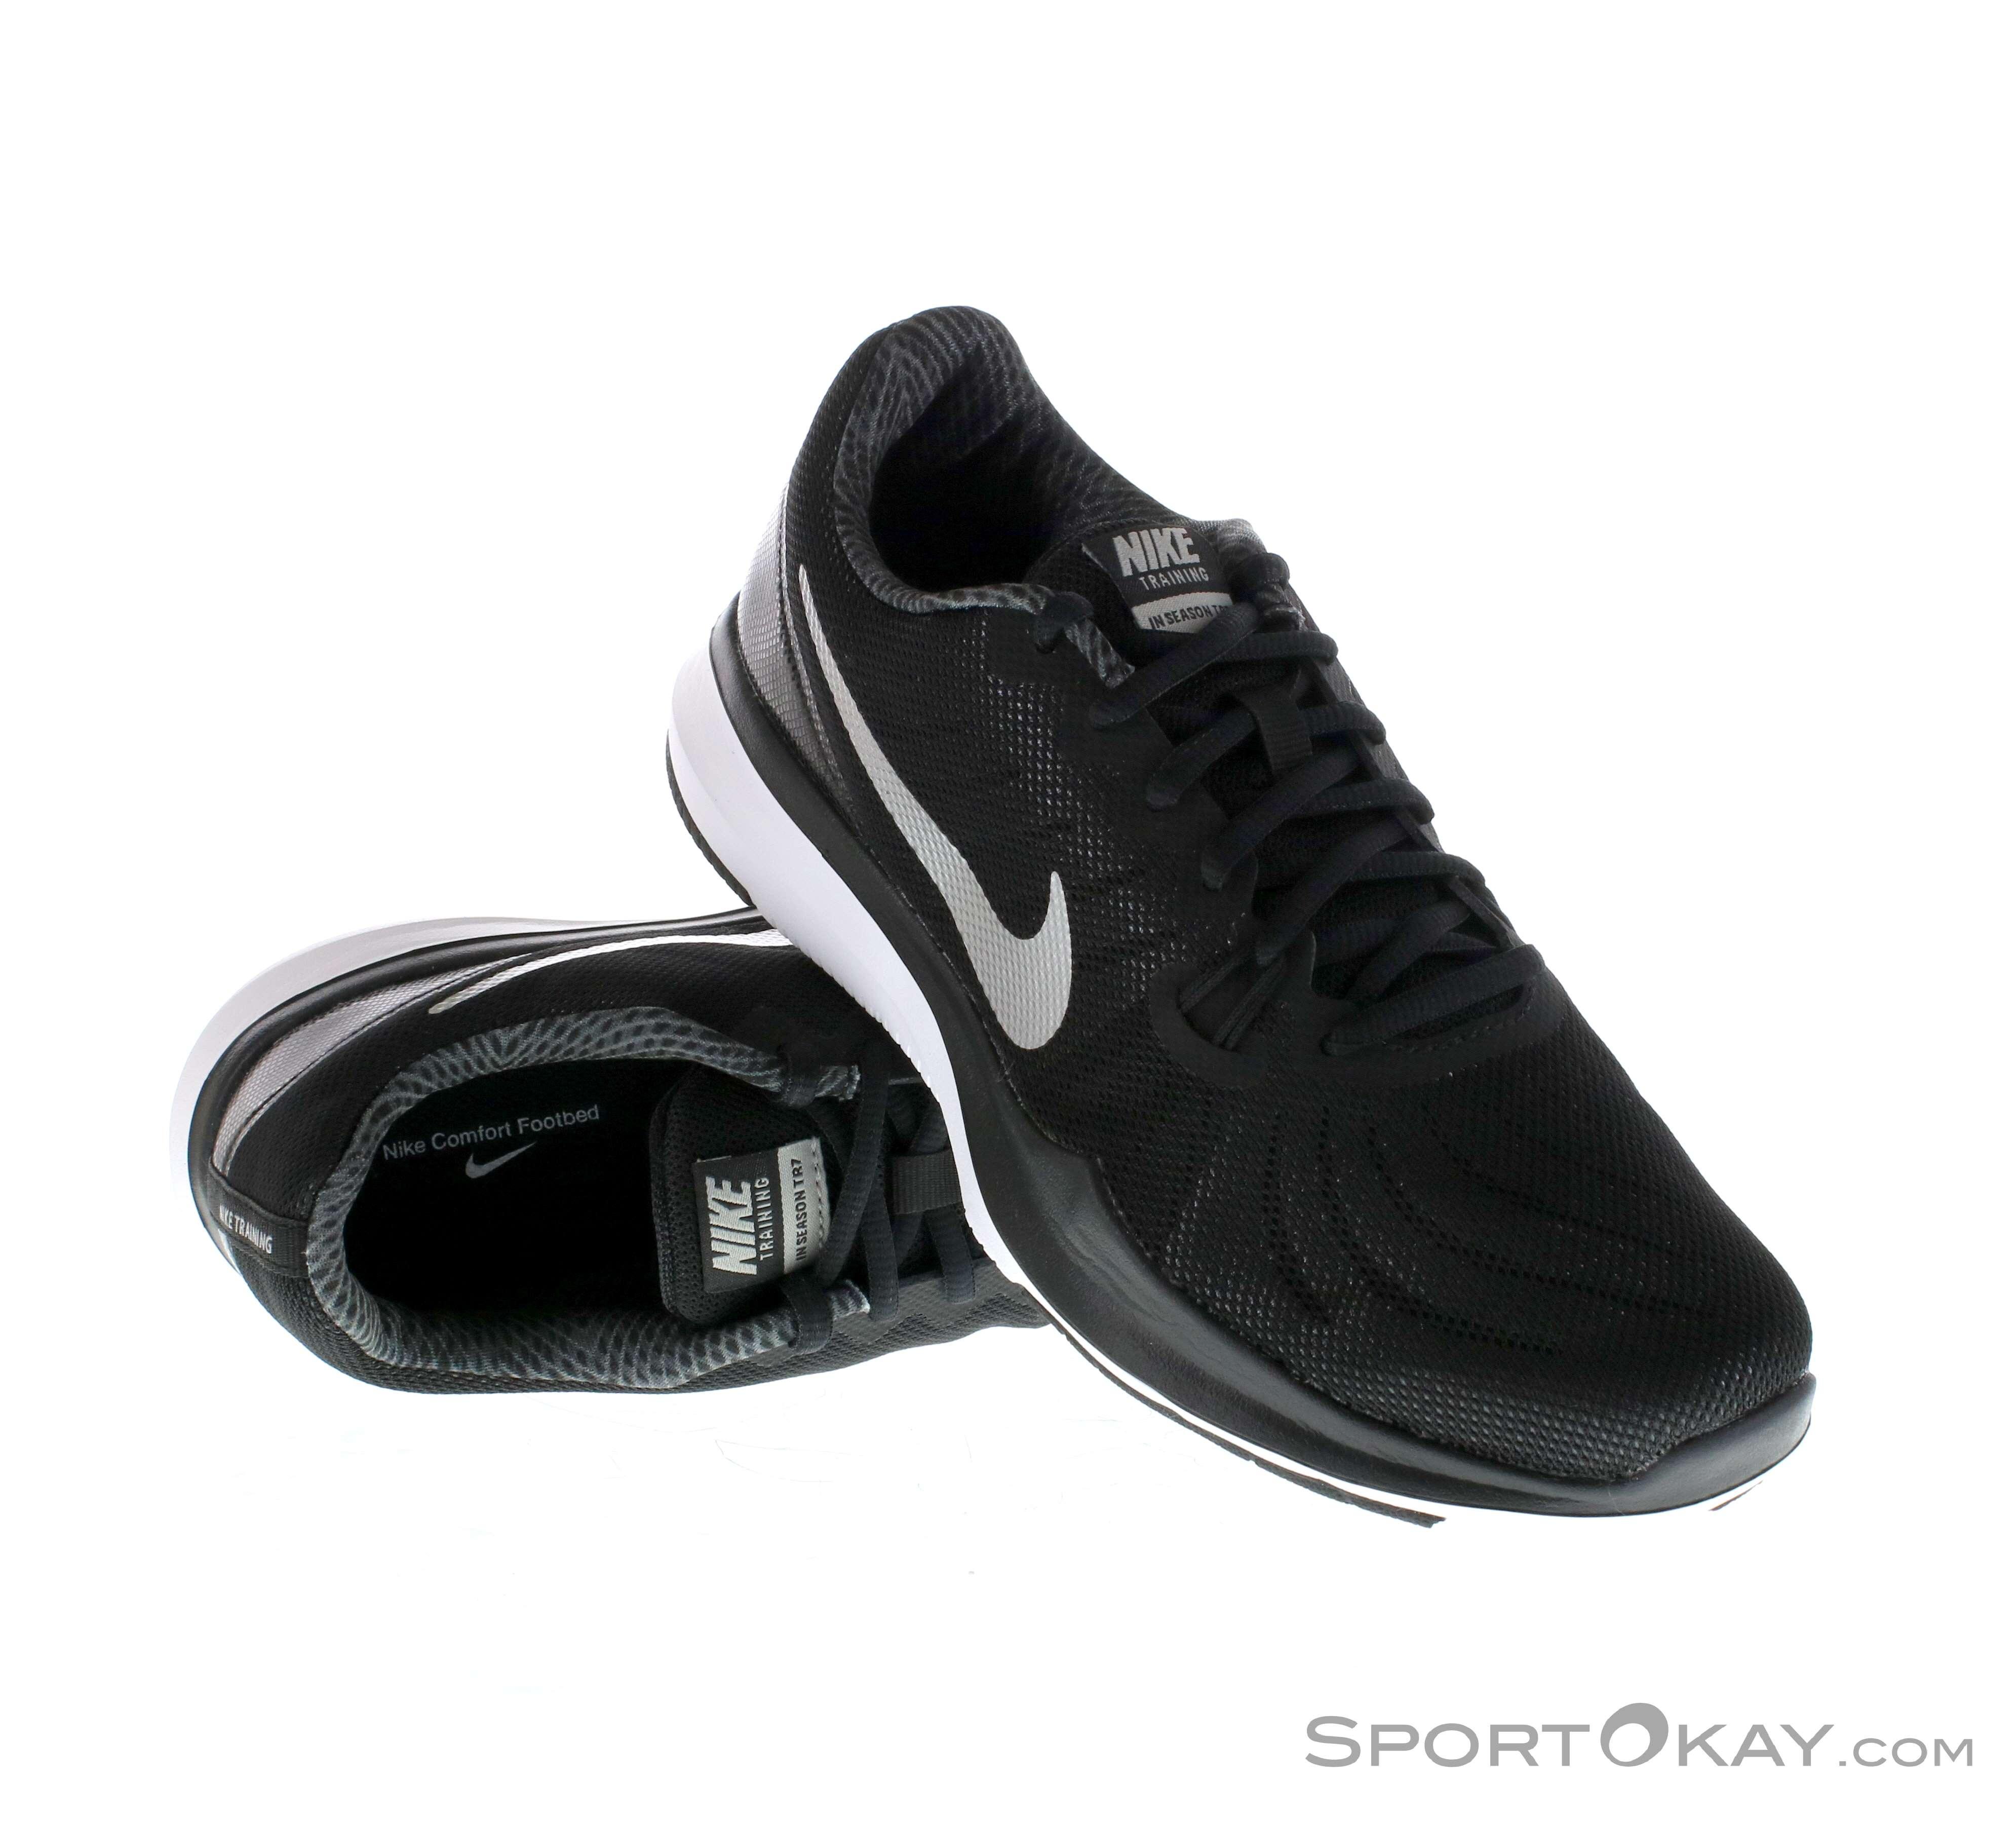 8da9910239 Nike In-Season Trainer Damen Fitnessschuhe, Nike, Schwarz, , Damen, 0026